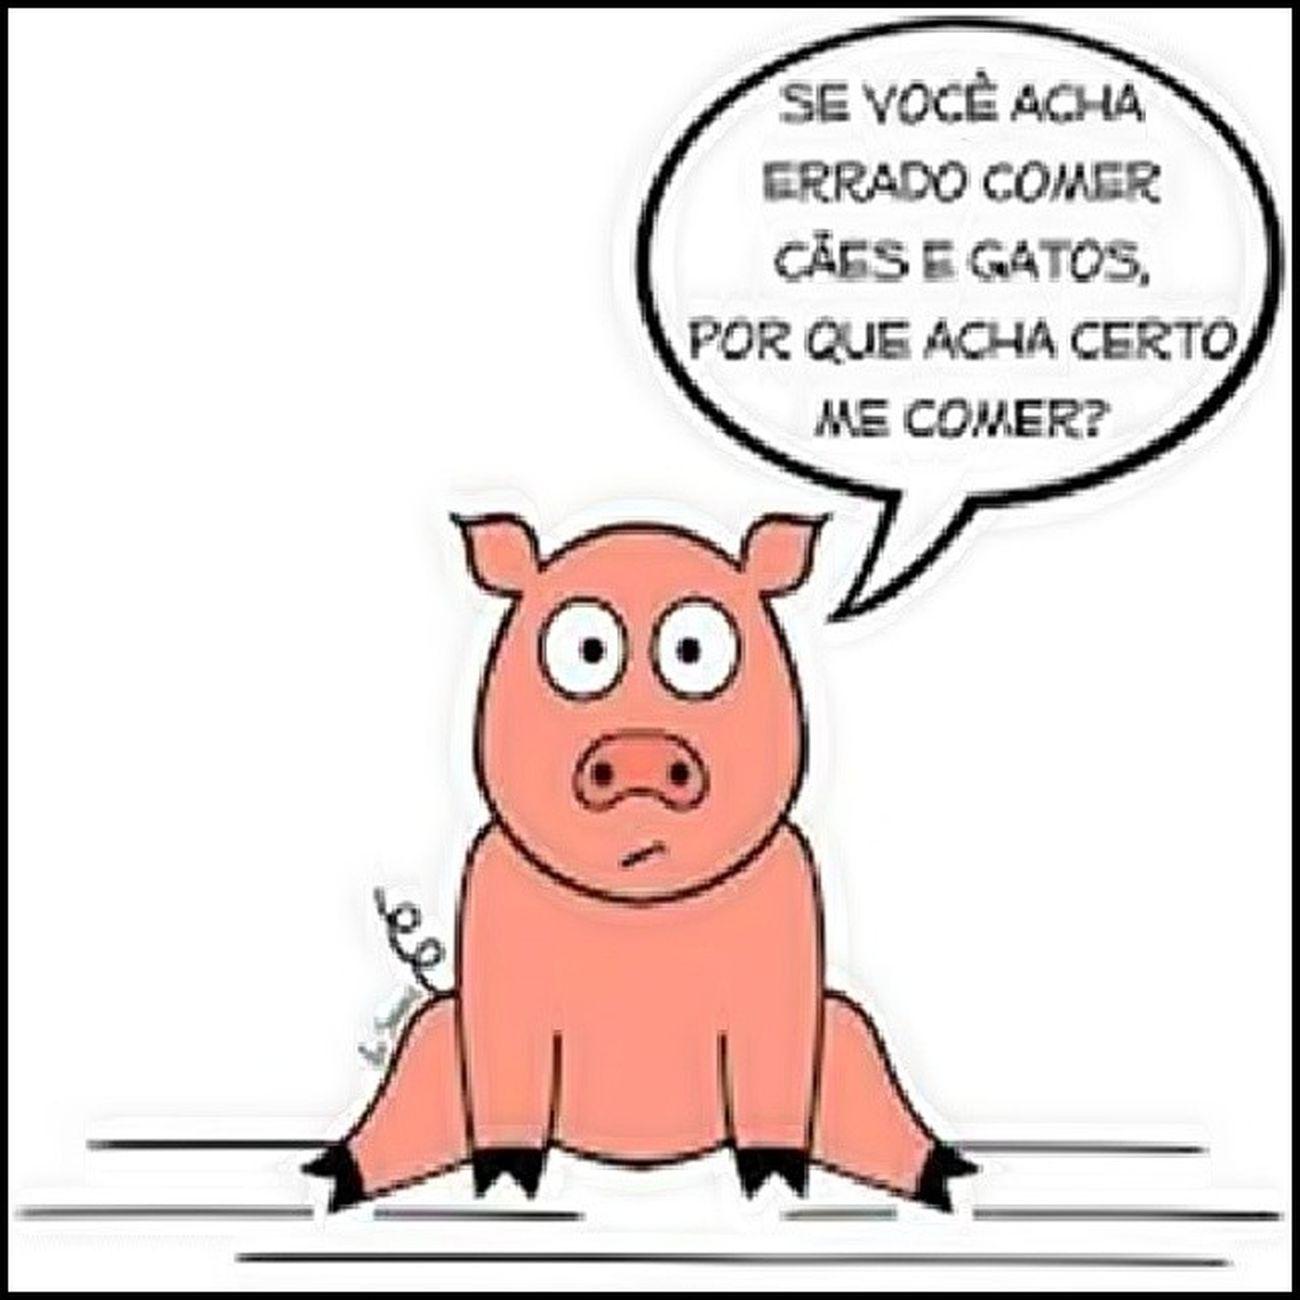 Porco Pigs